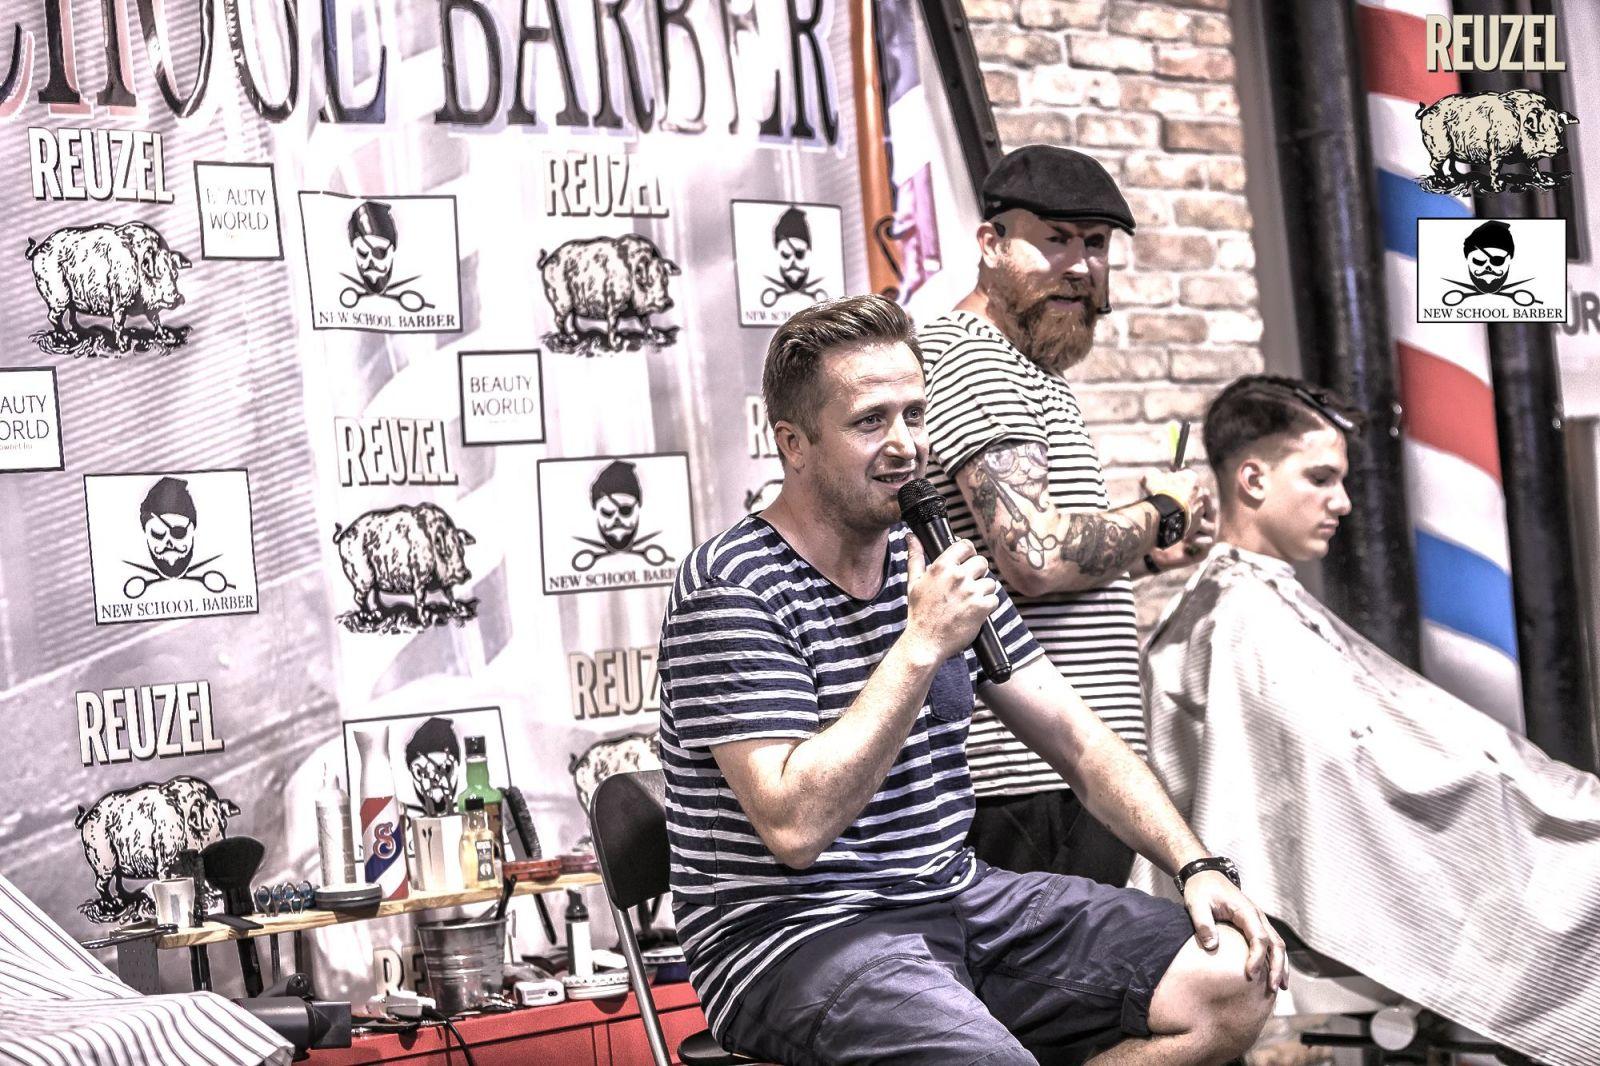 new school barber képzés, beauty world, bwnet.hu, szalonmenedzser képzés